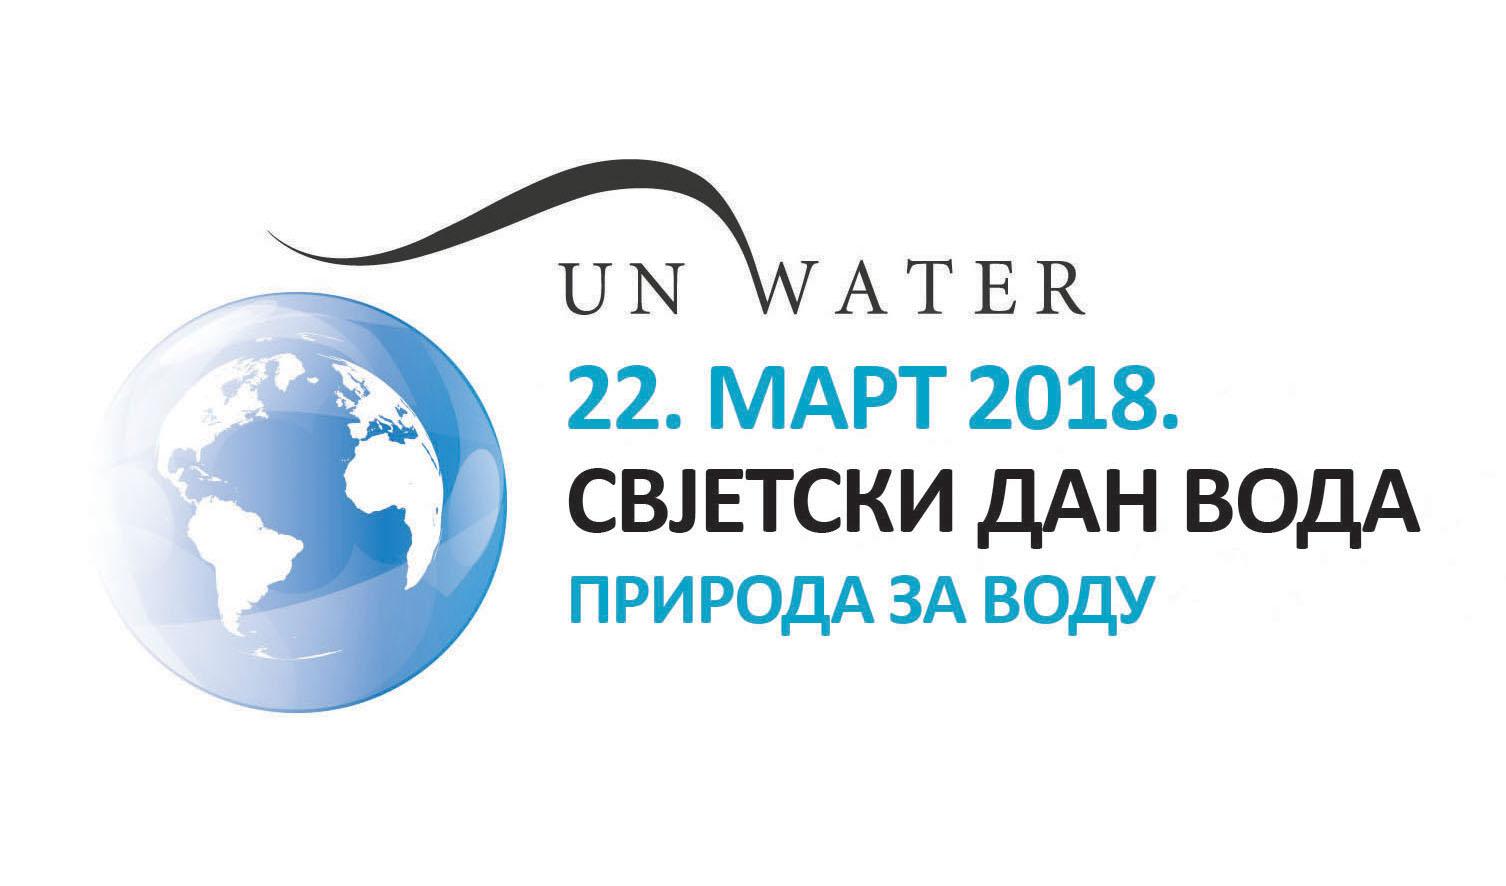 Припреме за обиљежавање Свјетског дана вода